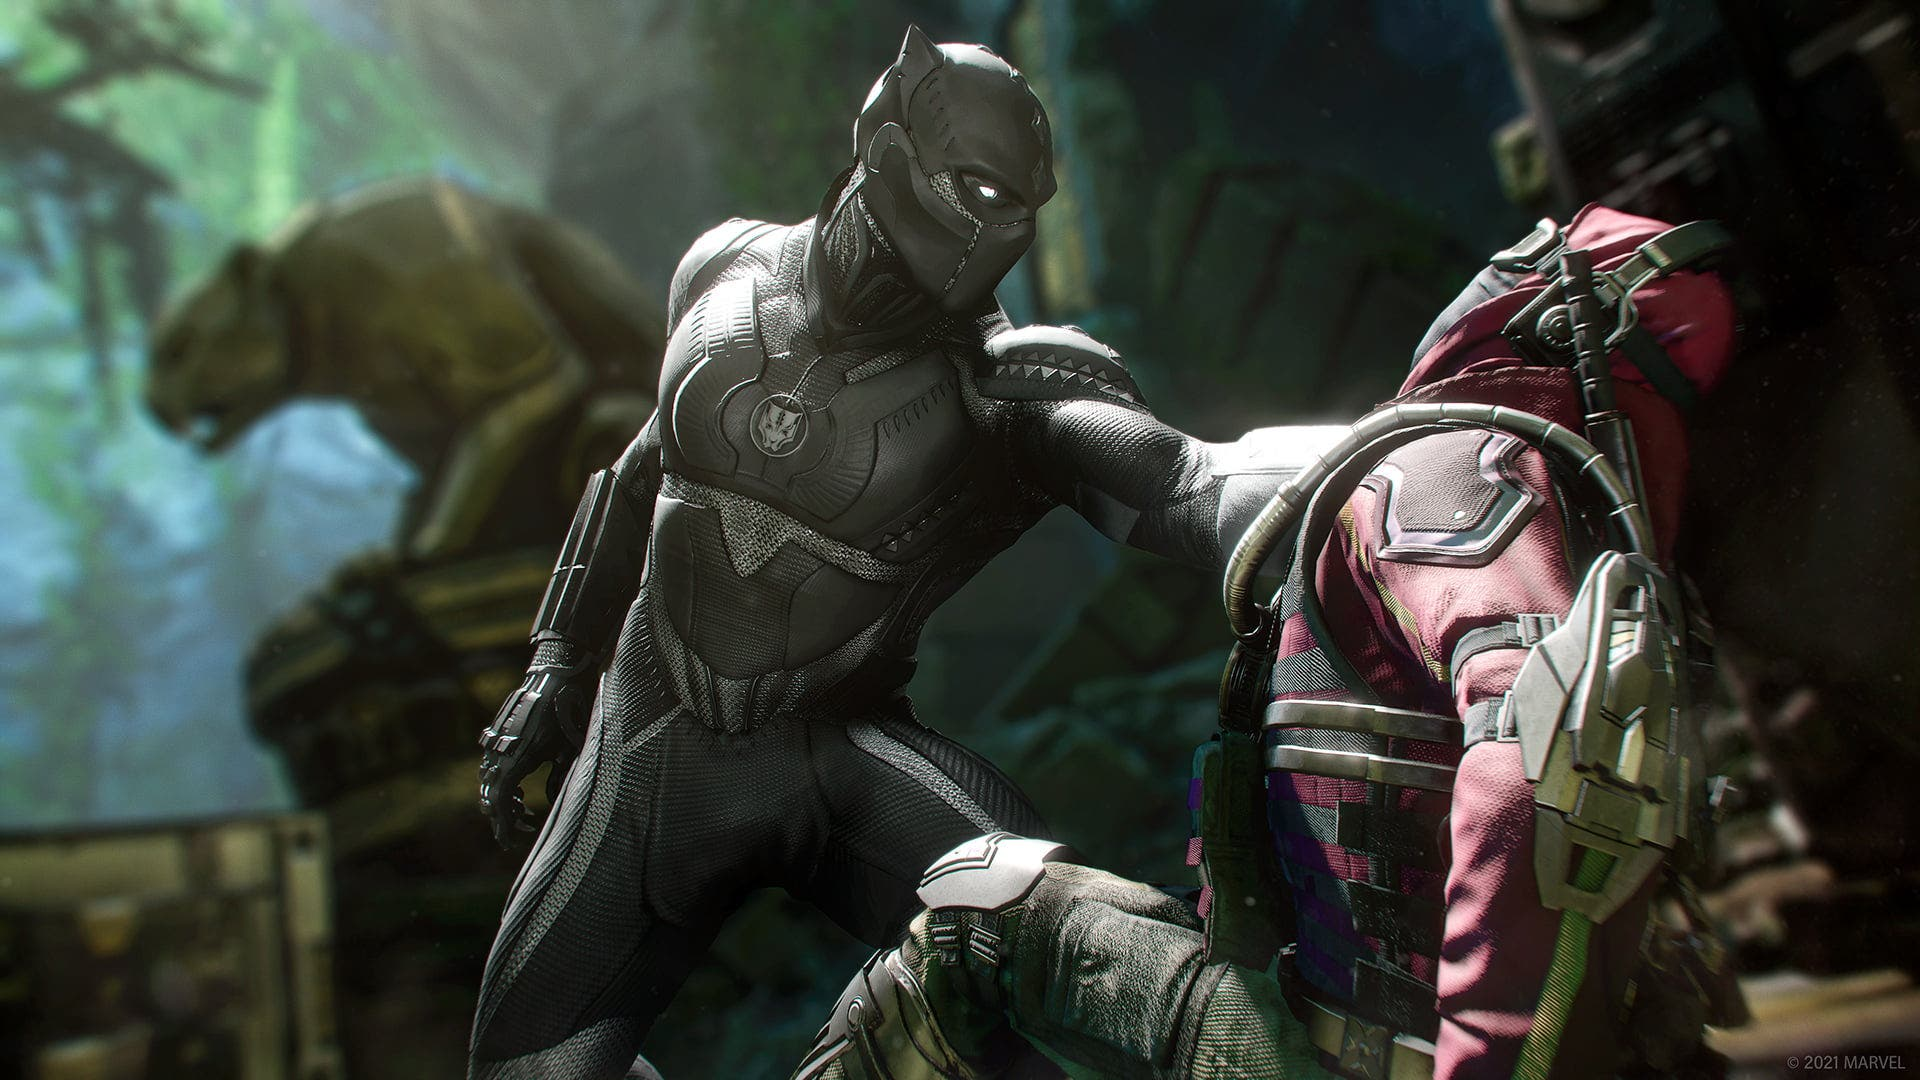 Primeras impresiones de Marvel's Avengers: Black Panther - War for Wakanda 2